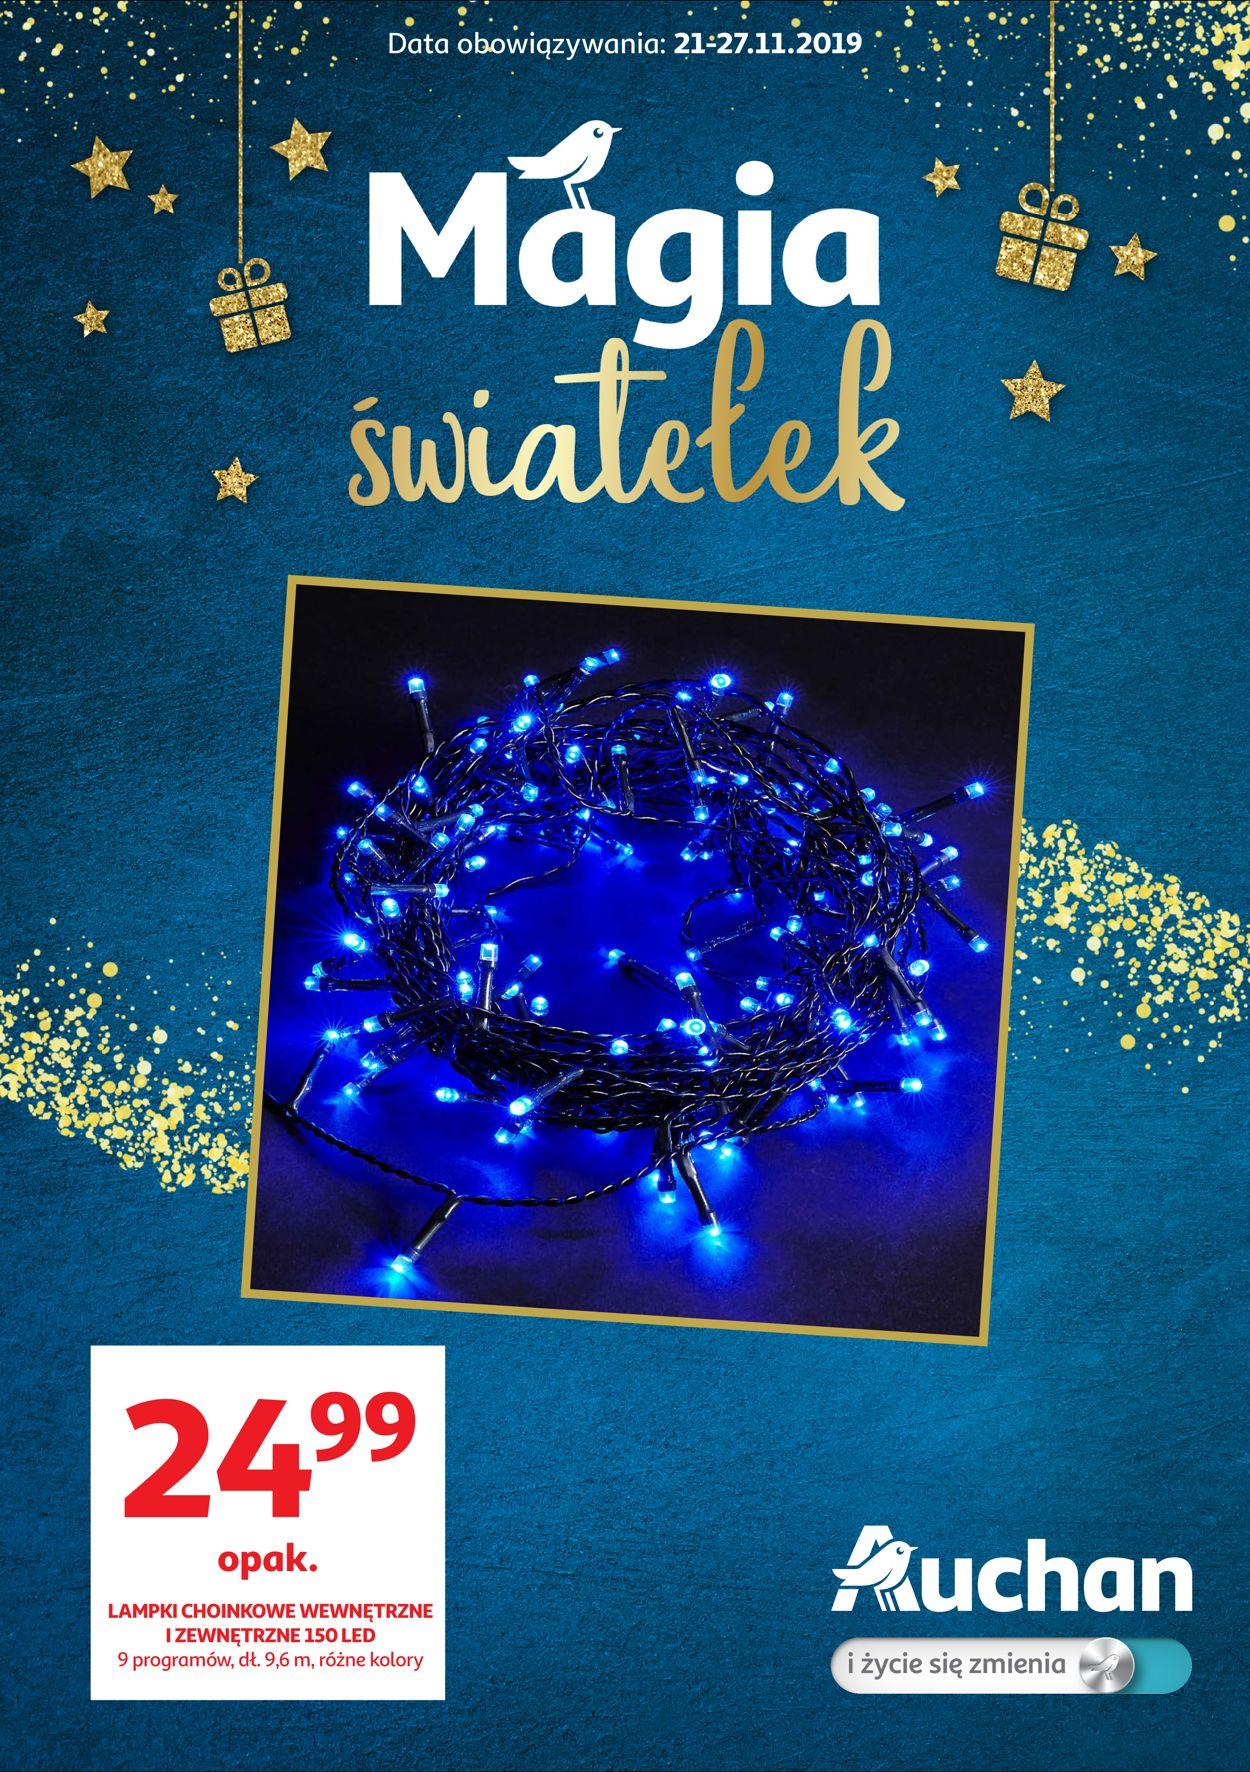 Gazetka promocyjna Auchan - Gazetka Świąteczna 2019 - 21.11-27.11.2019